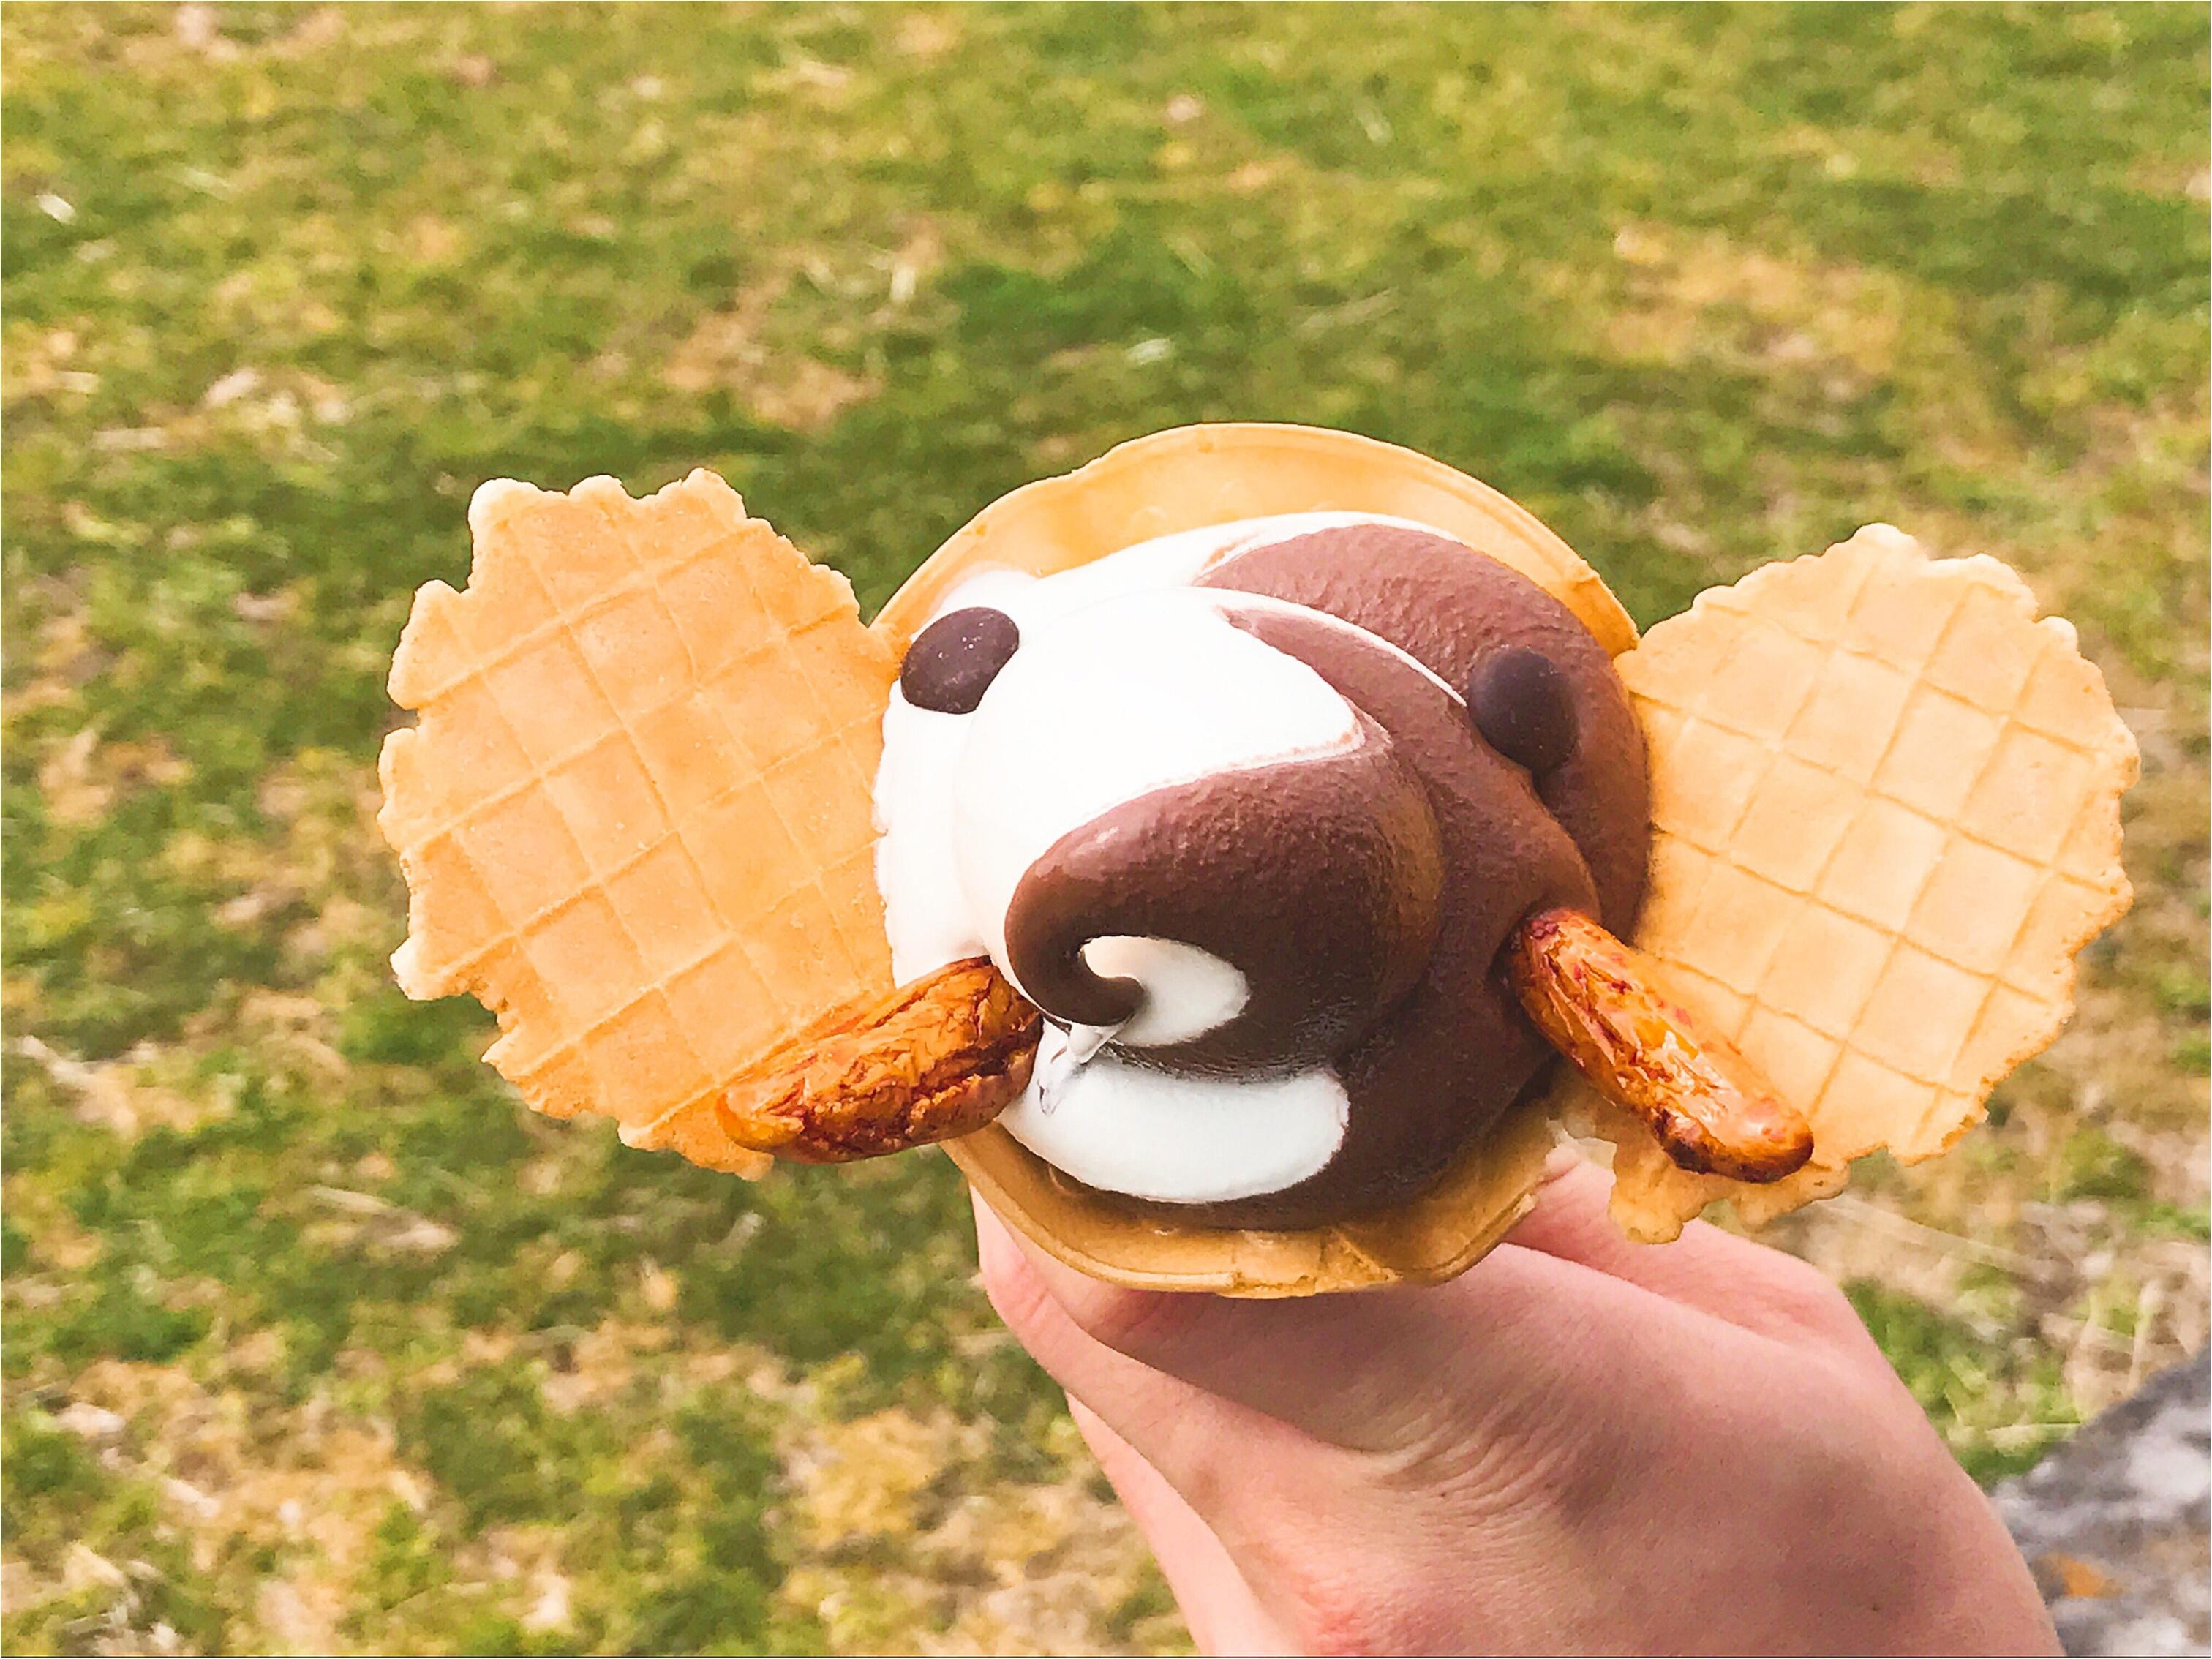 これを見たら食べたくなる‼︎『ゾウノハナソフトクリーム』って知ってる?_5